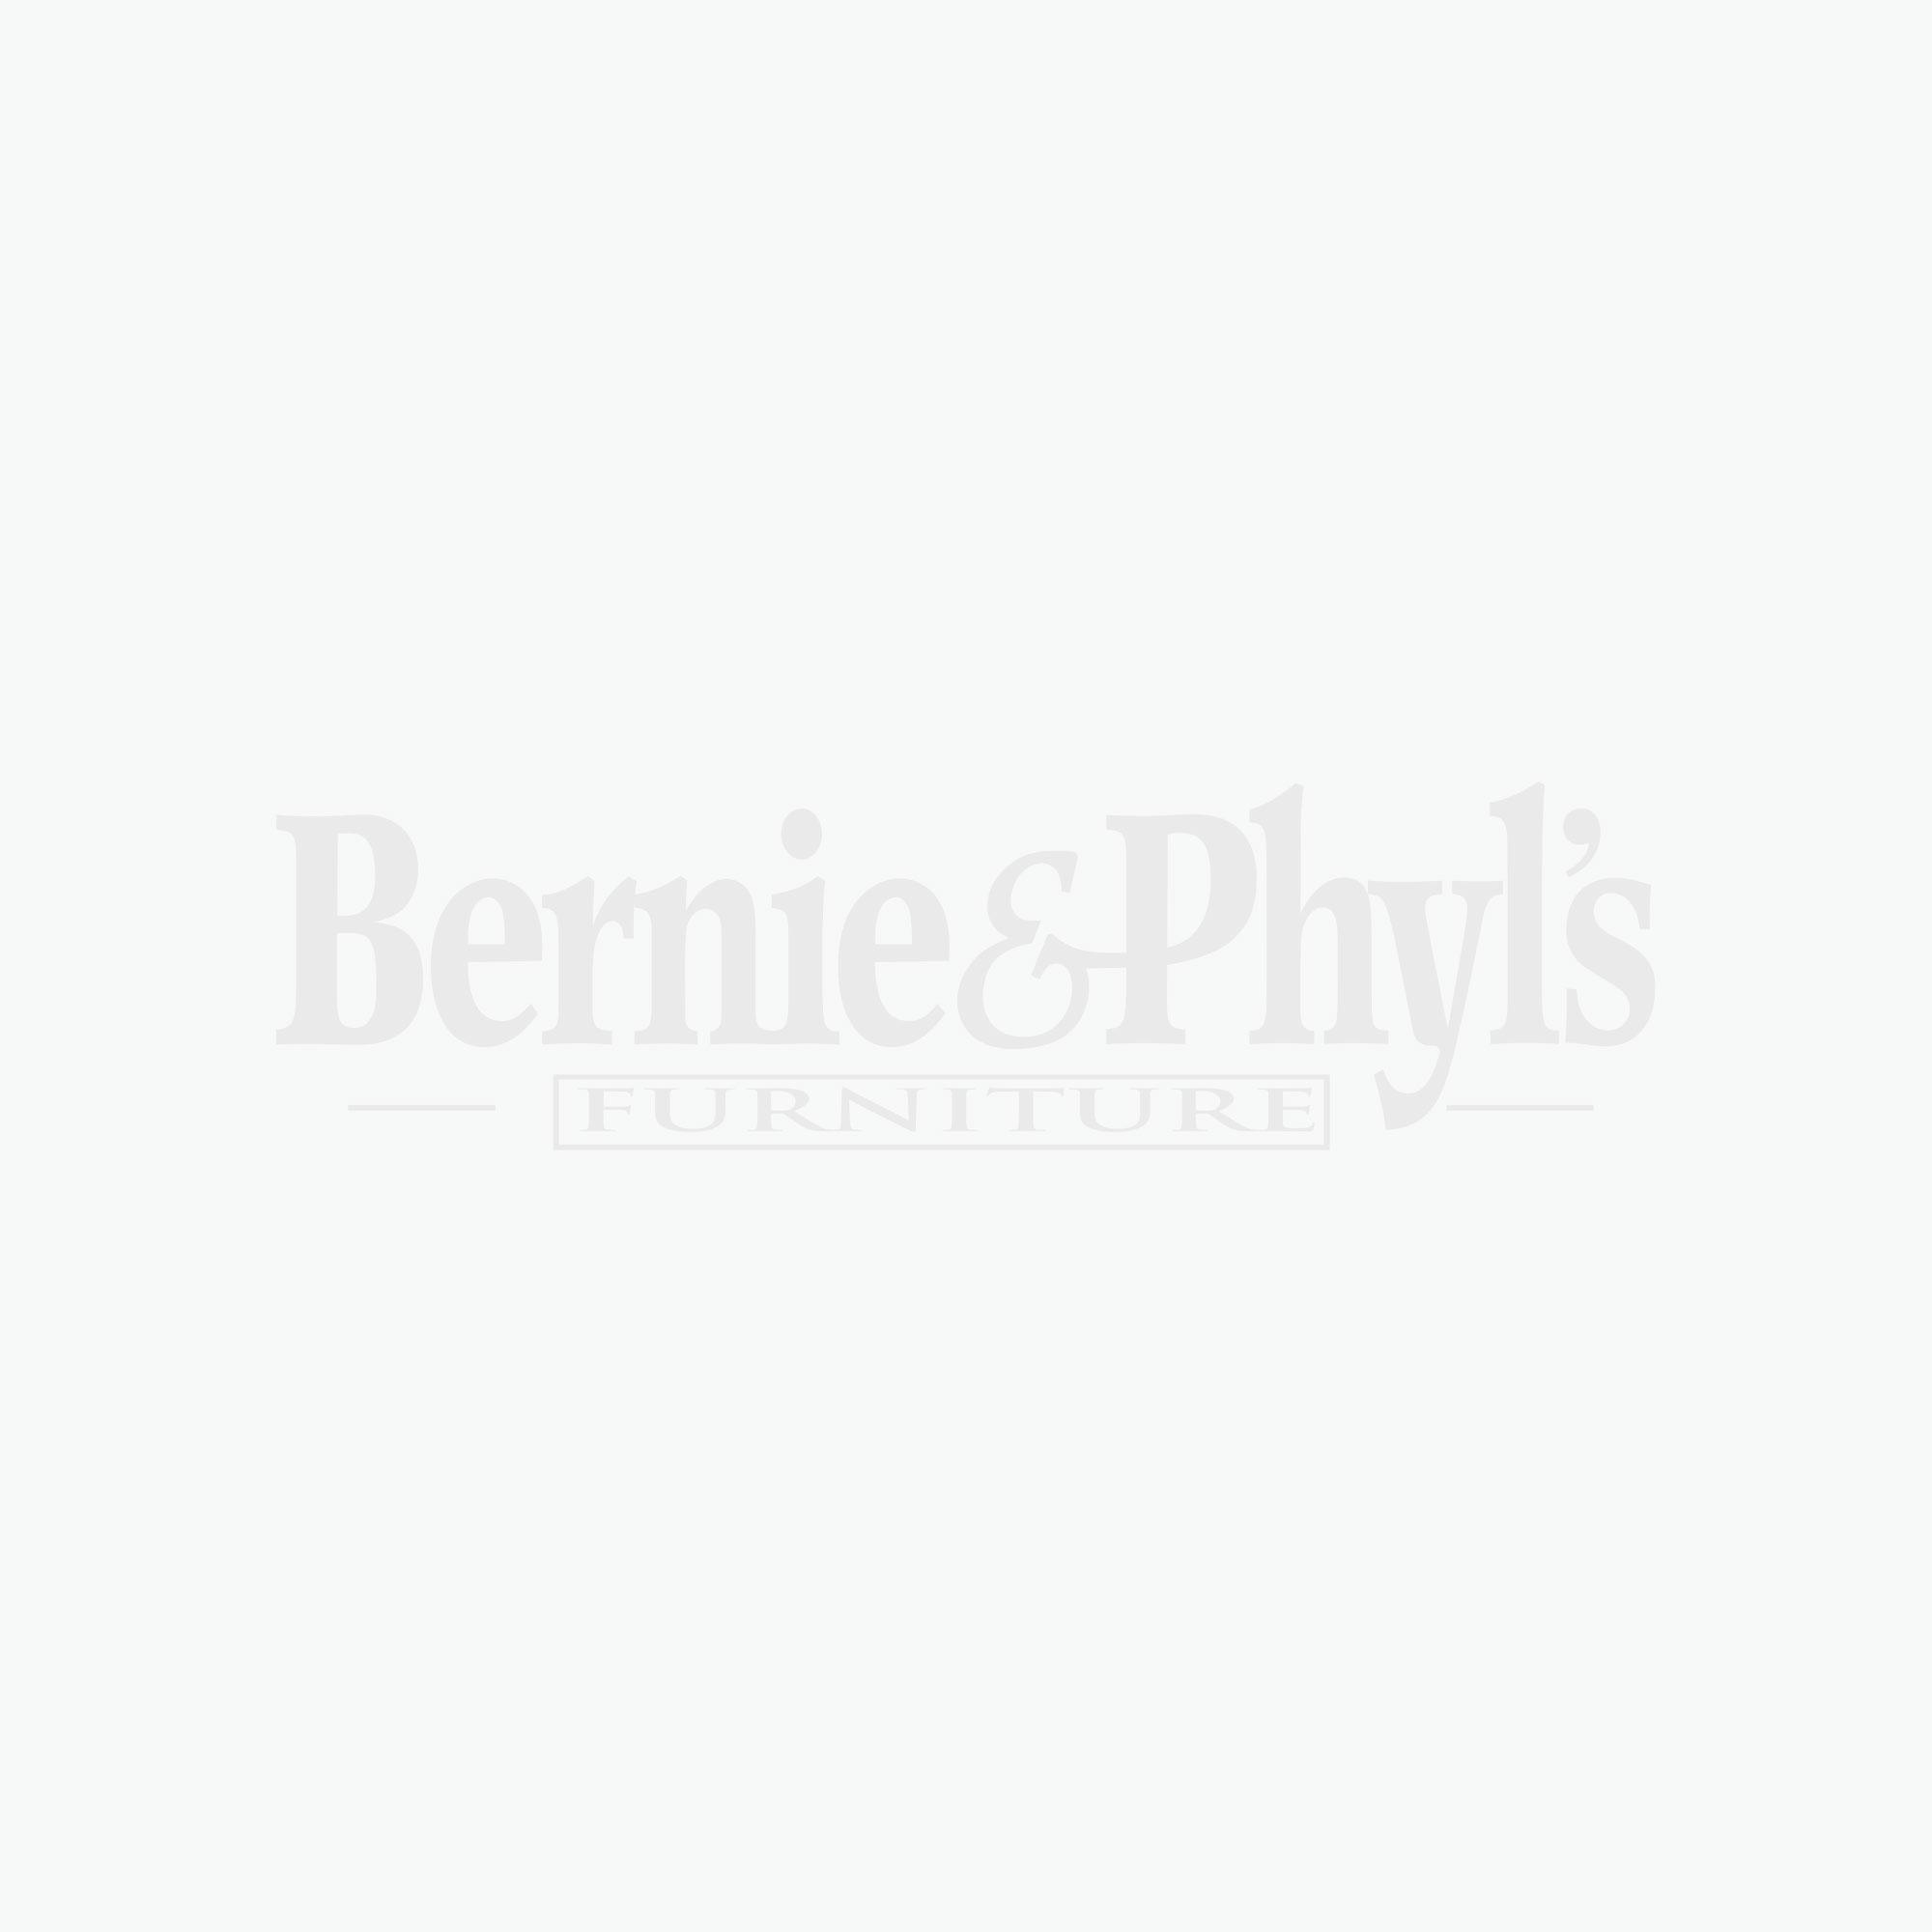 Vivienne Reptile Contemporary Desk - Cream - (Set of 1) - HO9698 - by Southern Enterprises